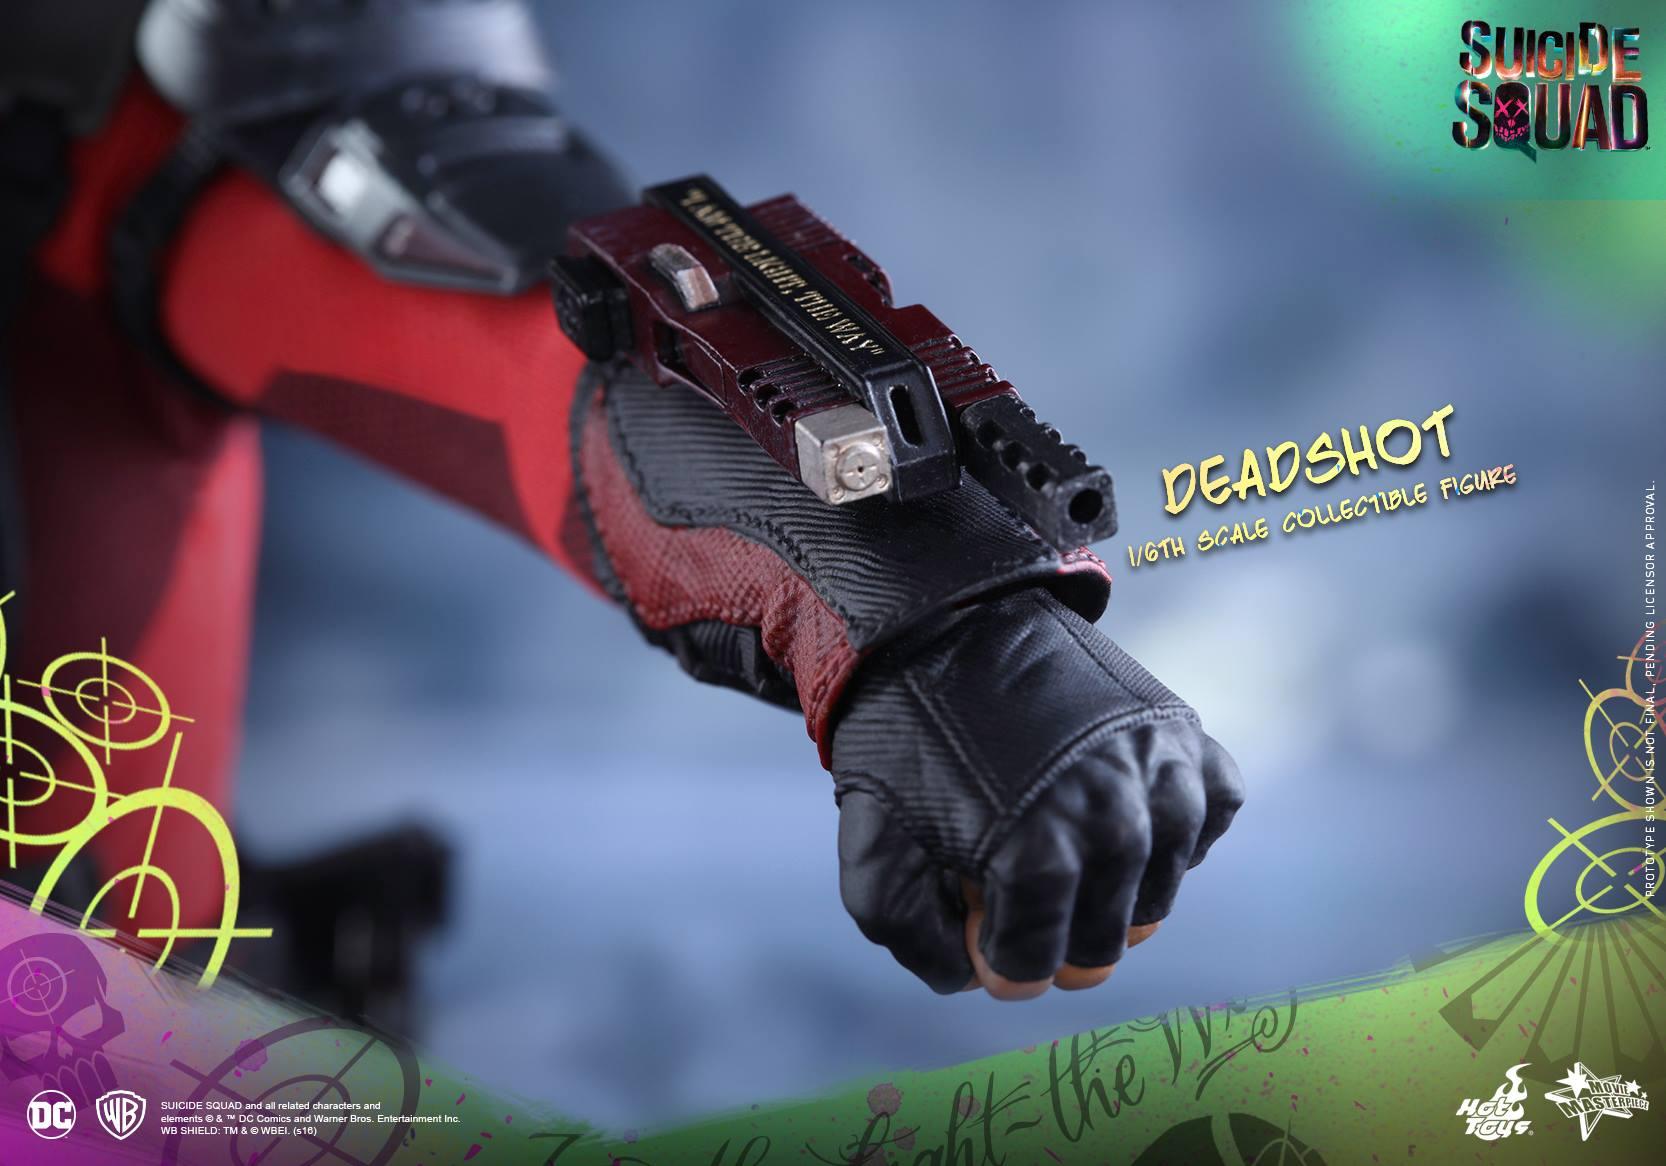 Hot-Toys-Suicide-Squad-Deadshot-18